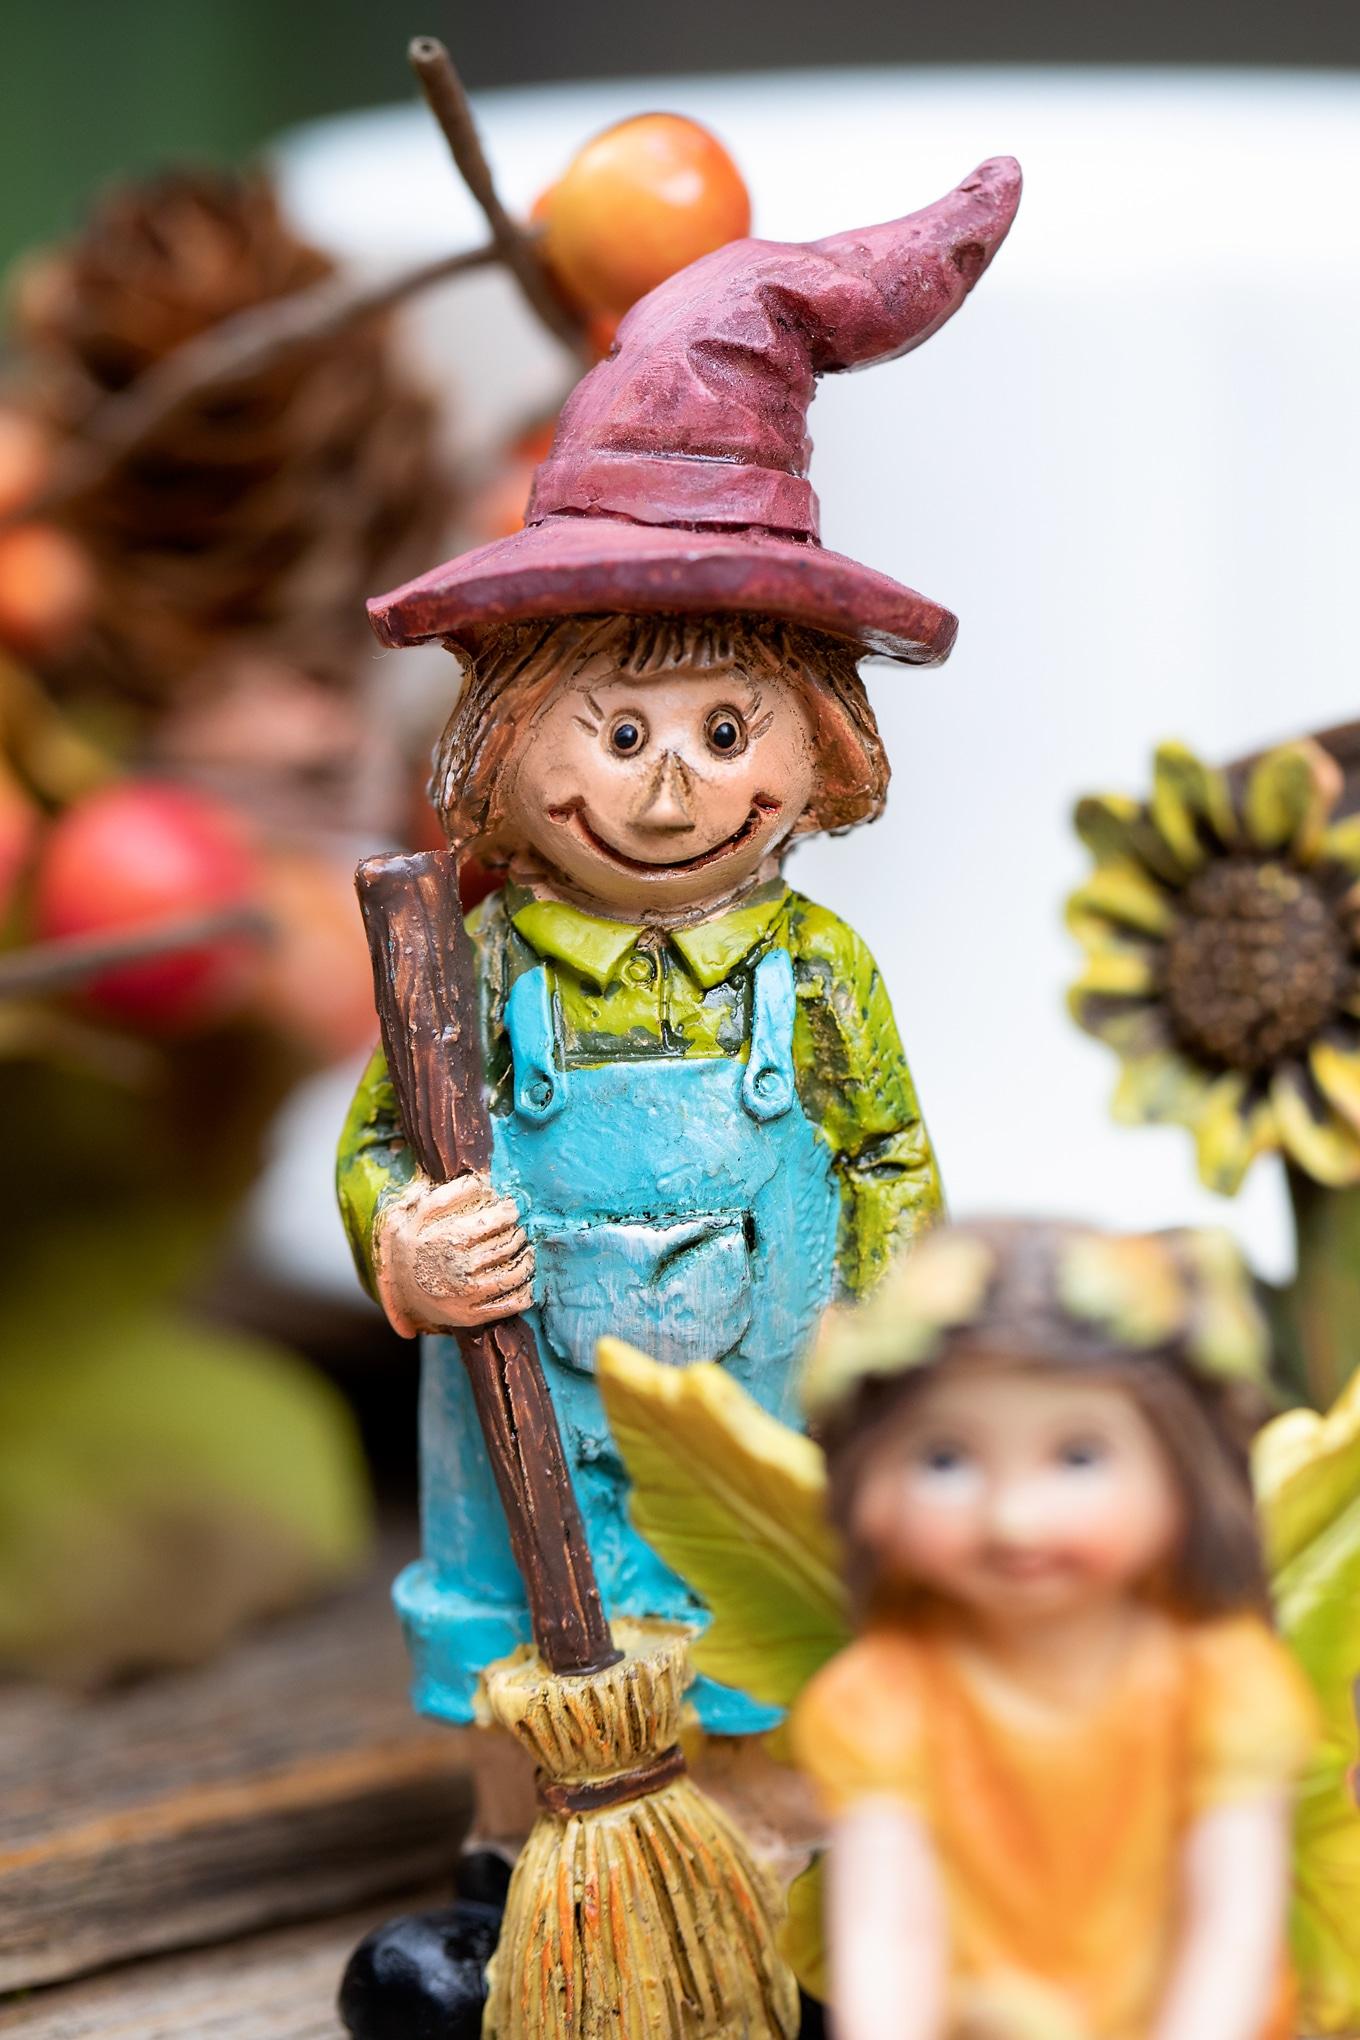 Resin Scarecrow in Fall Teacup Garden